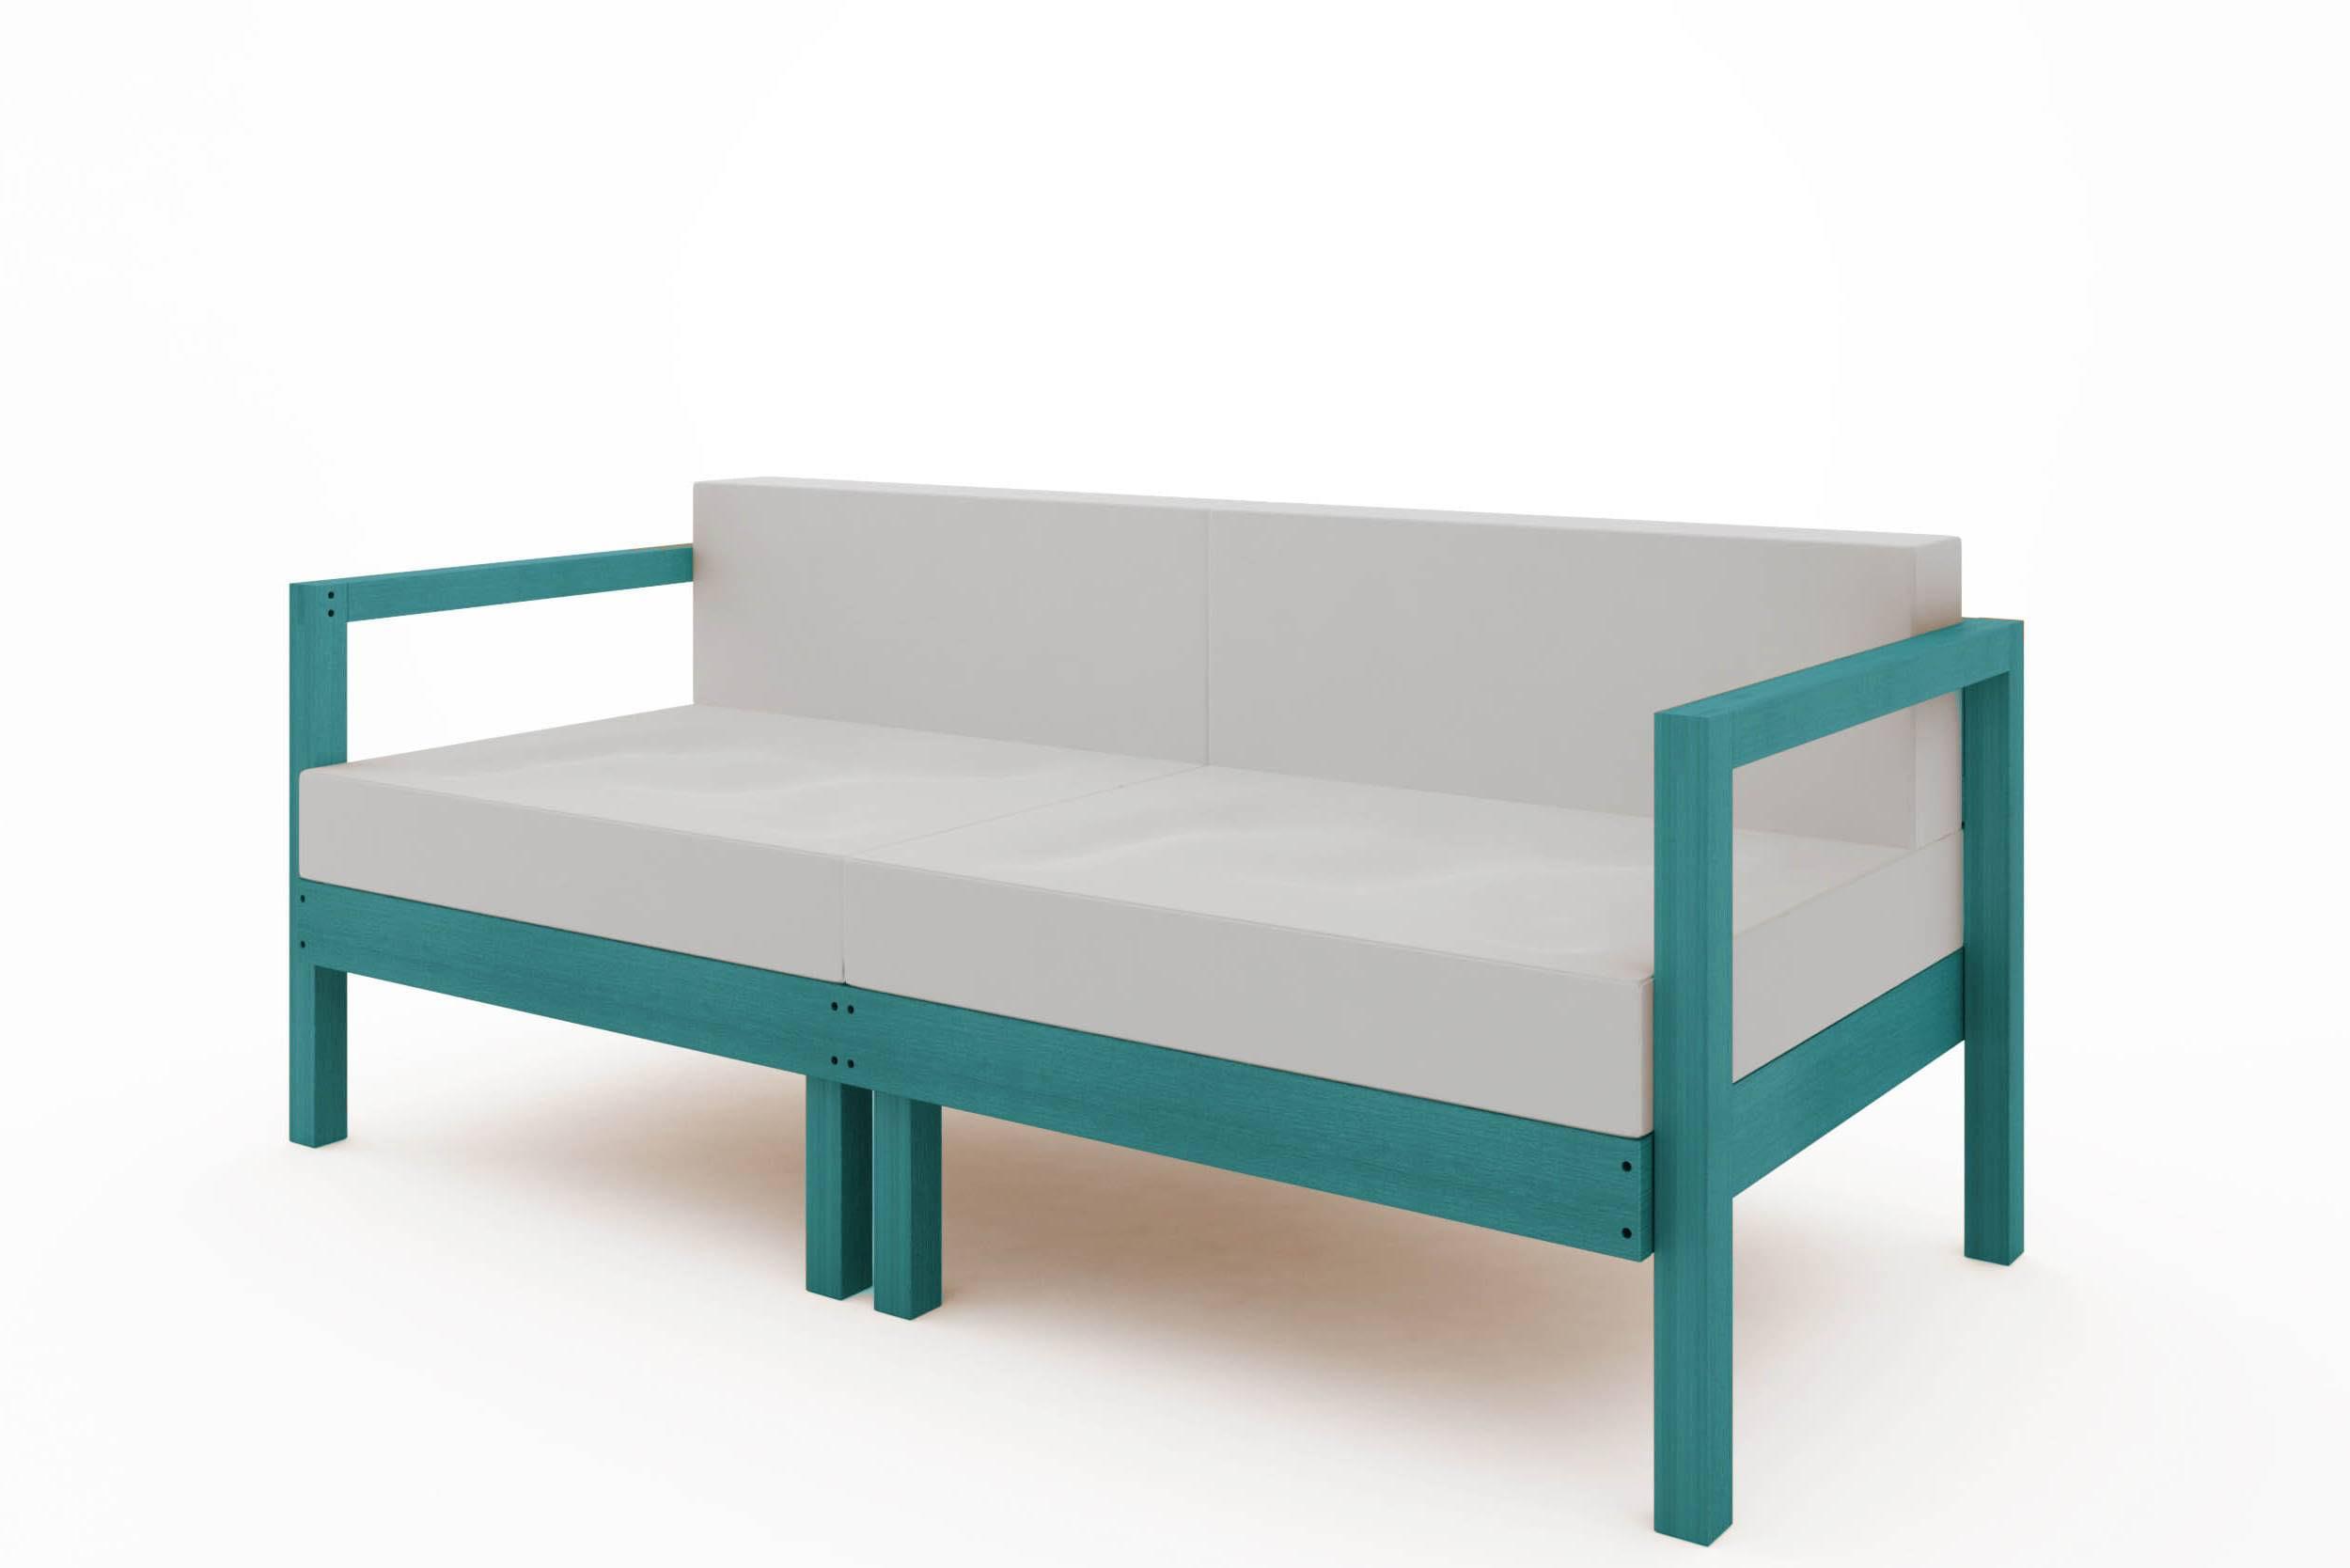 Sofa Componivel Lazy 2 Lugares Estrutura Azul + Almofadas 169cm - 61392